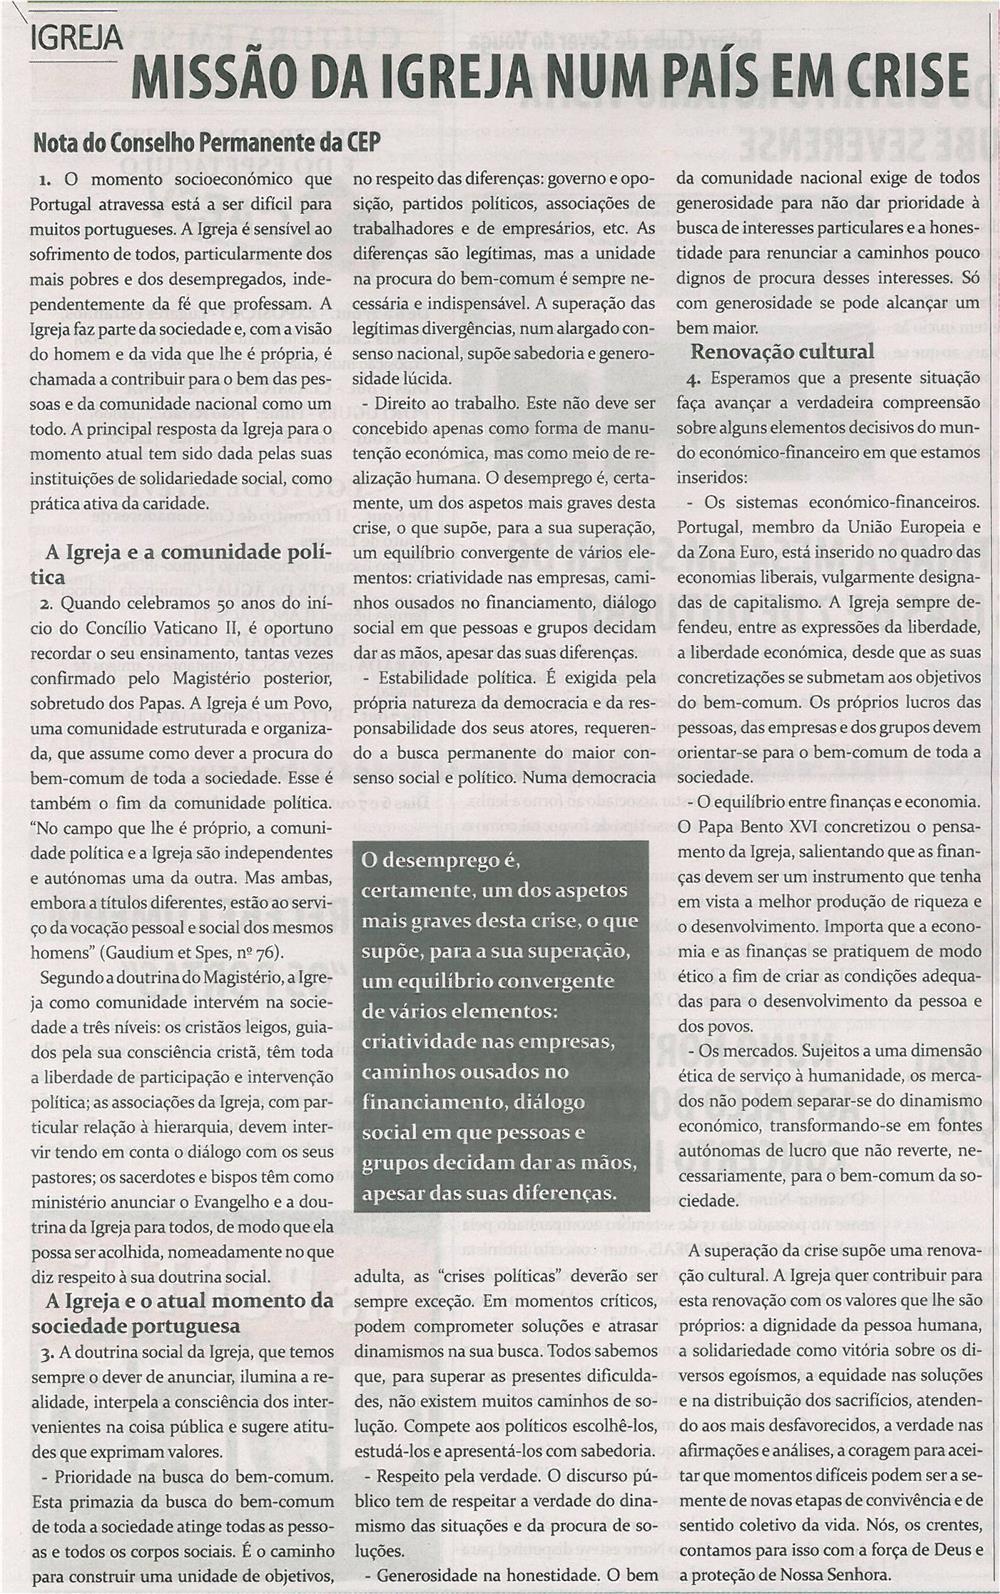 TV-out12-p16-Missão da Igreja num país em crise.jpg